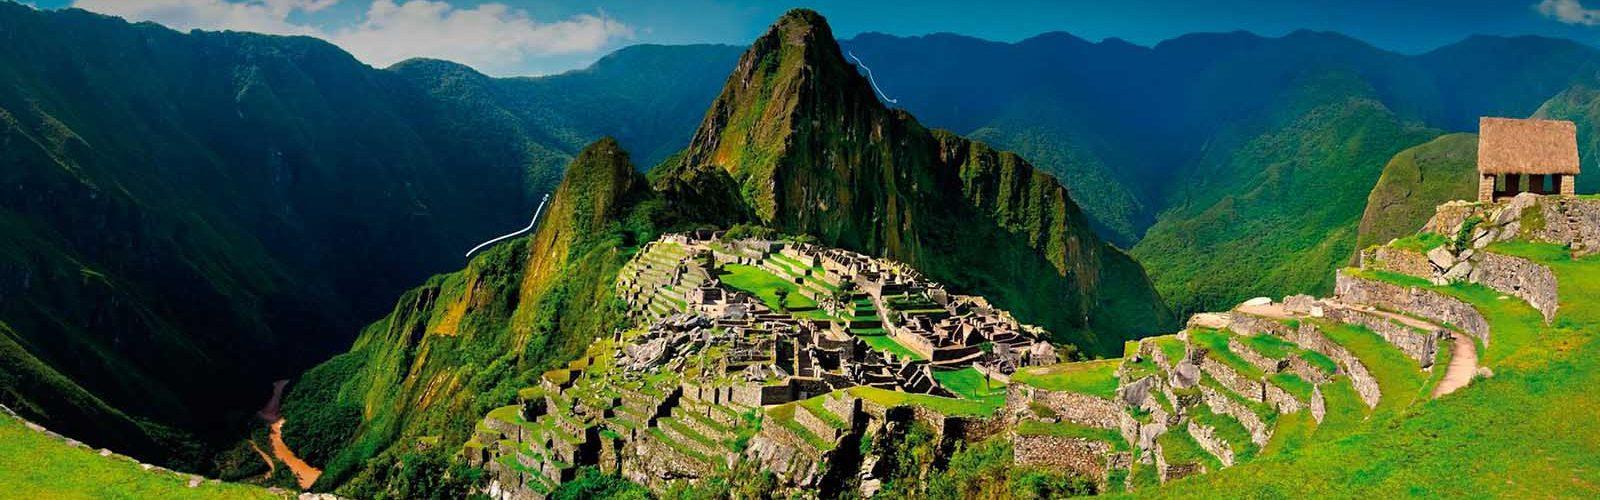 machupicchu peruviantours1